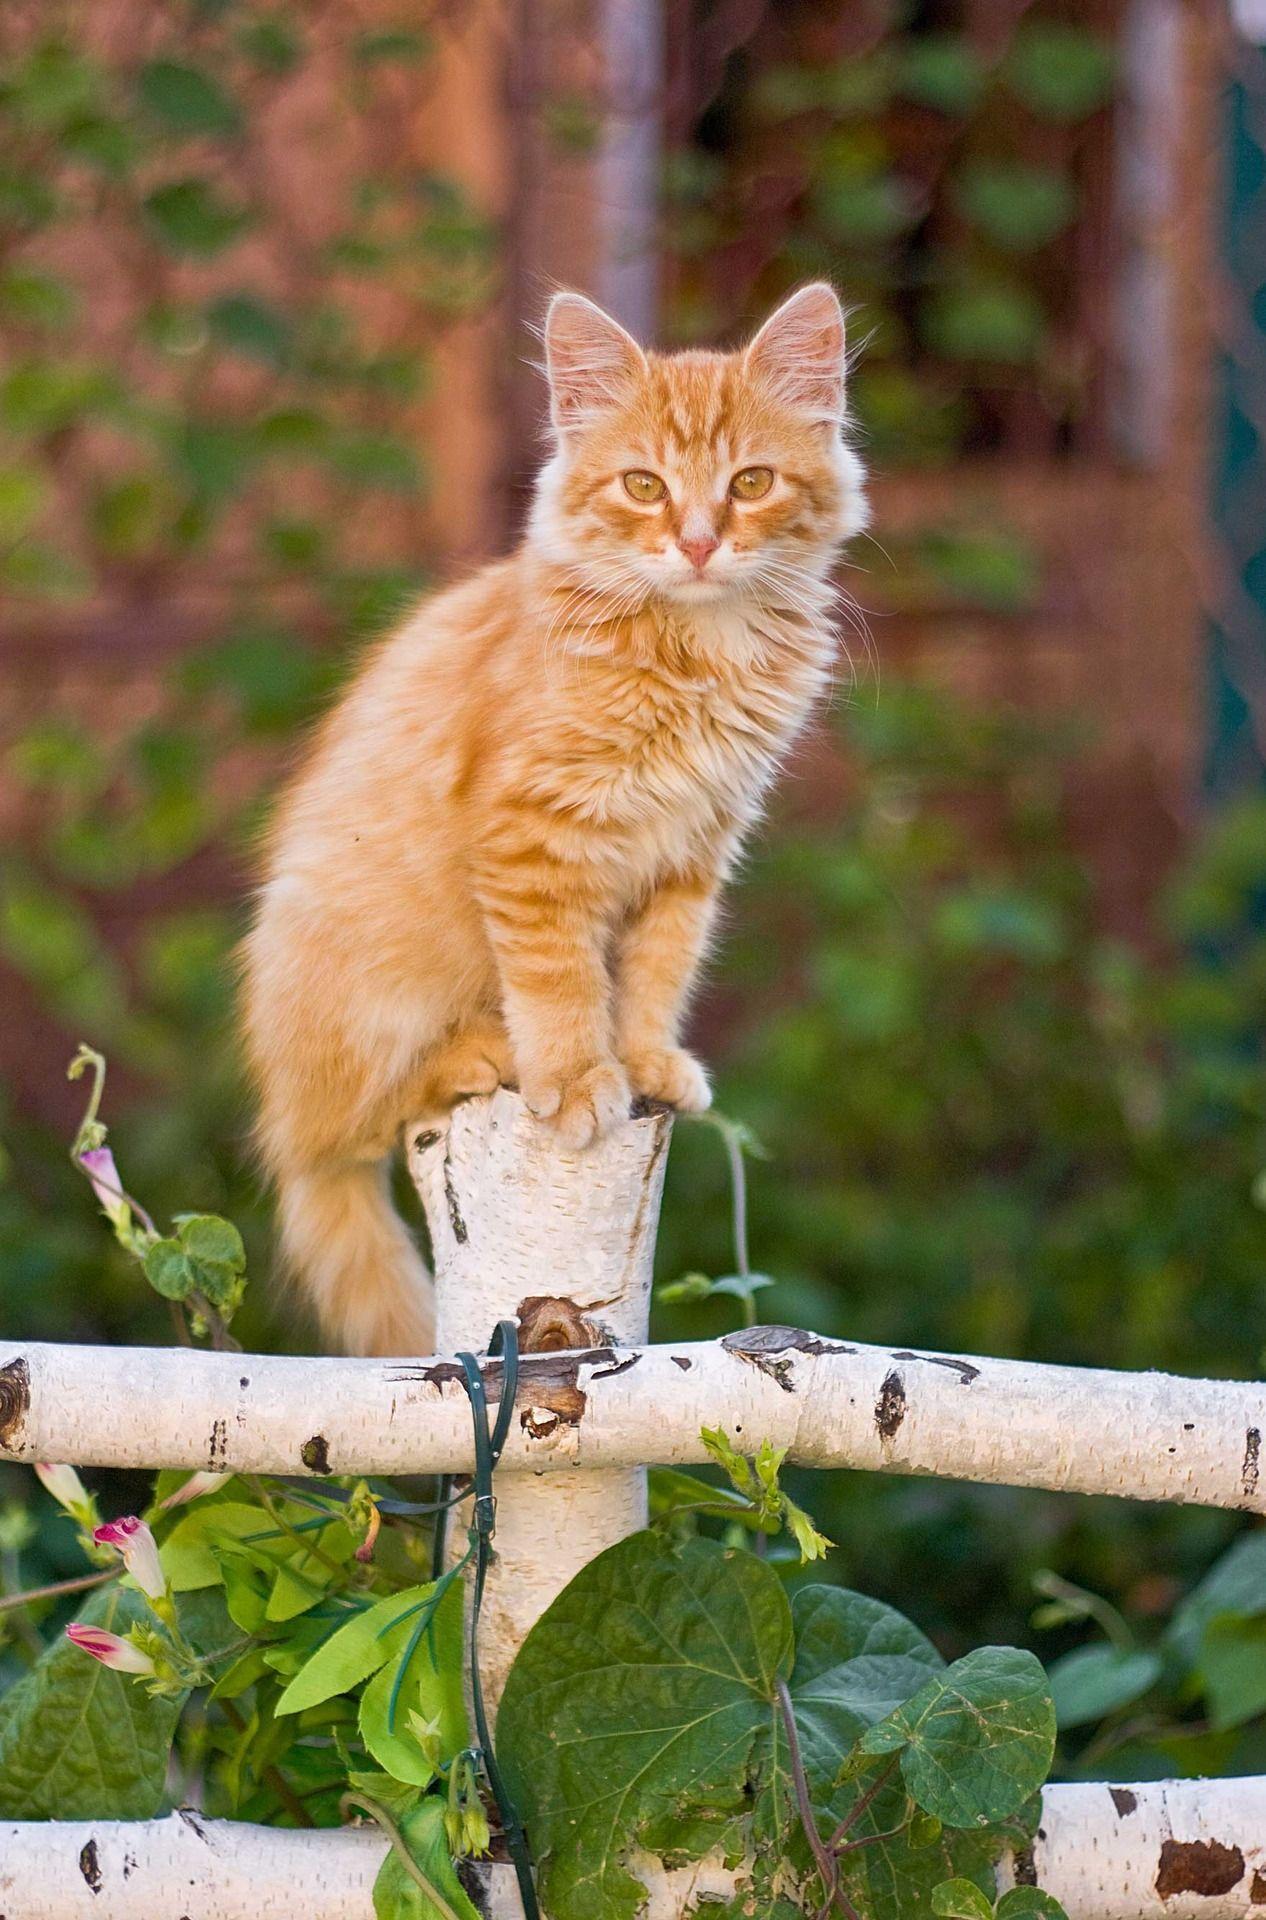 orange Katze mit orangen Augen auf Birkenzaun #gingerkitten